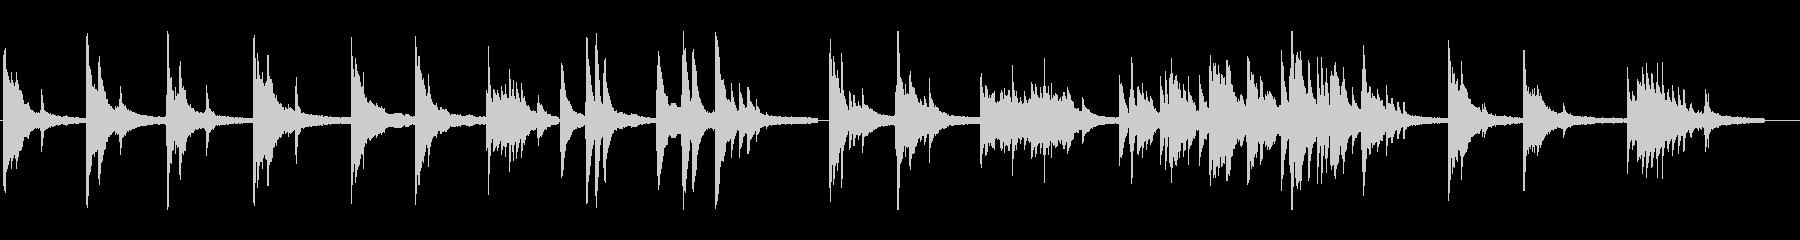 繊細な葛藤を思わせるアンビエントピアノソの未再生の波形